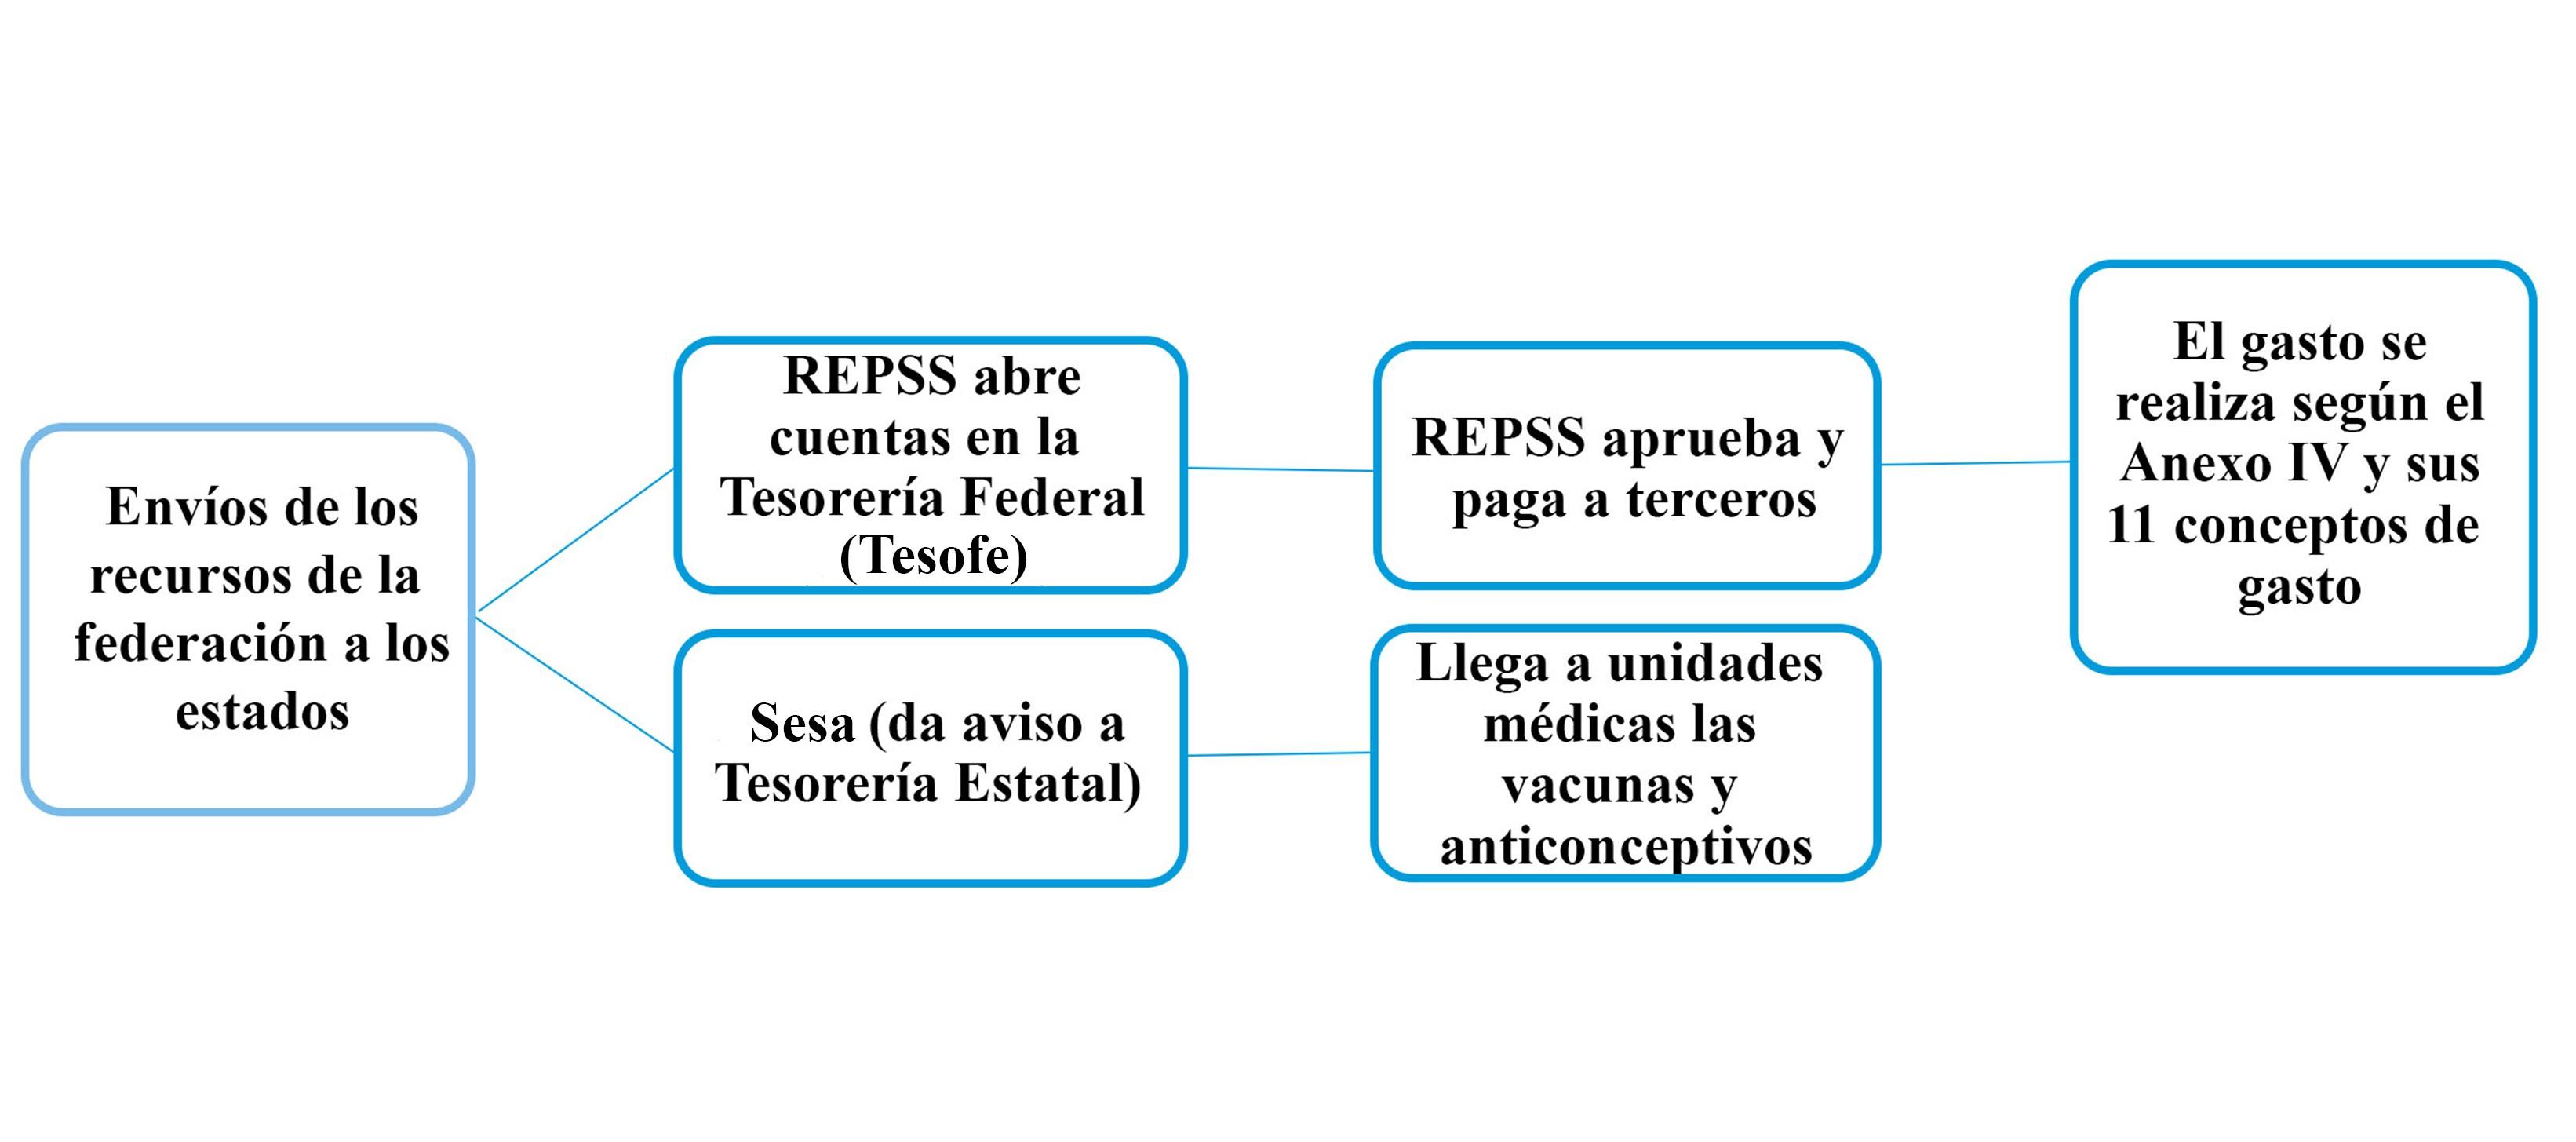 REPSS Regmenes Estatales de Protecci³n Social en Salud tienen que informar a SS en tres das hábiles montos fechas e importe de rendimientos